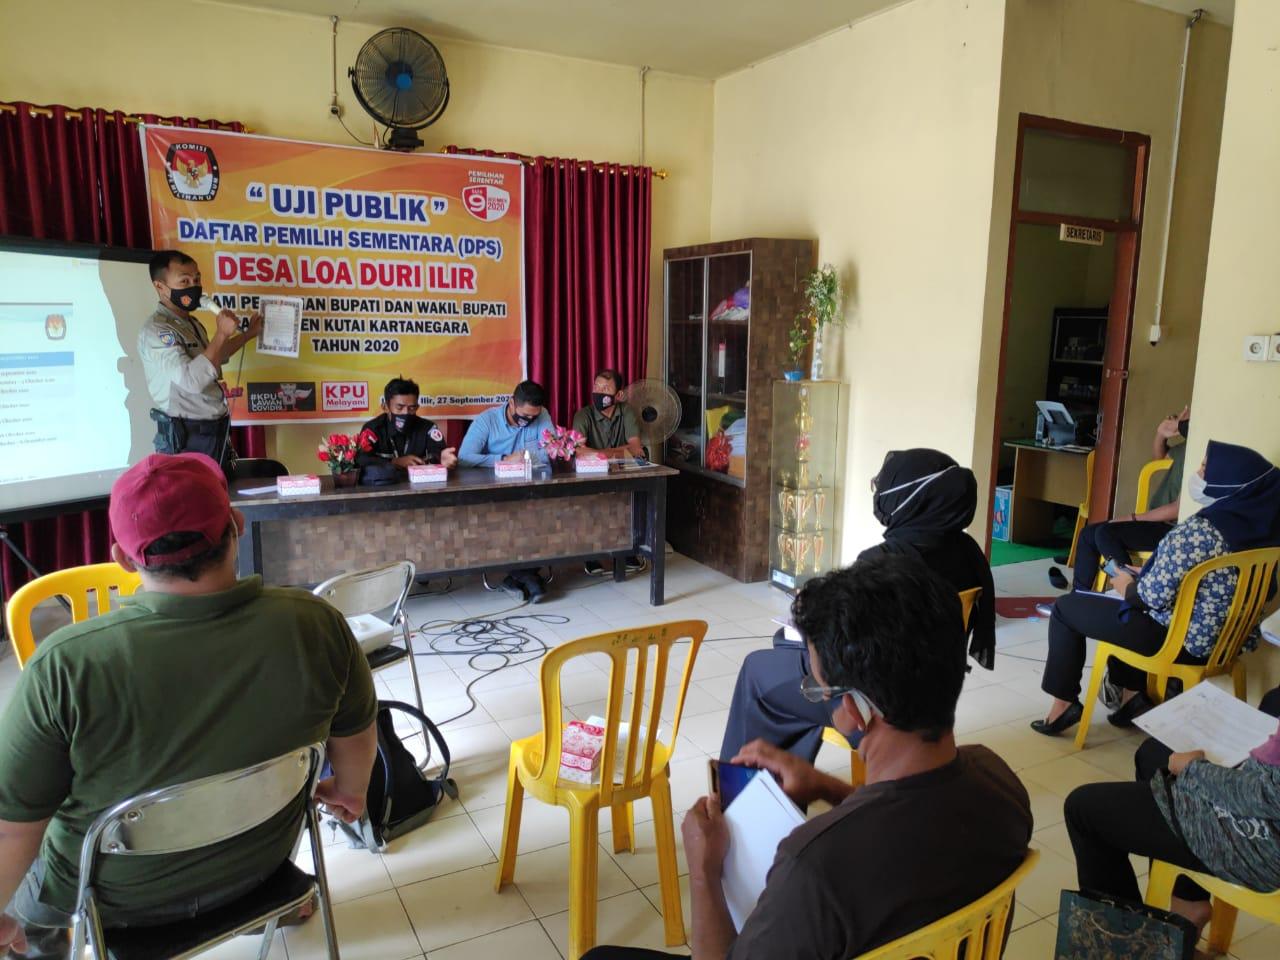 Bhabinkamtibmas Polsek Loa Janan Menghadiri Kegiatan Uji Publik DPS Desa Loa duri Ilir Dalam Pilbup dan Wabup Kukar Tahun 2020